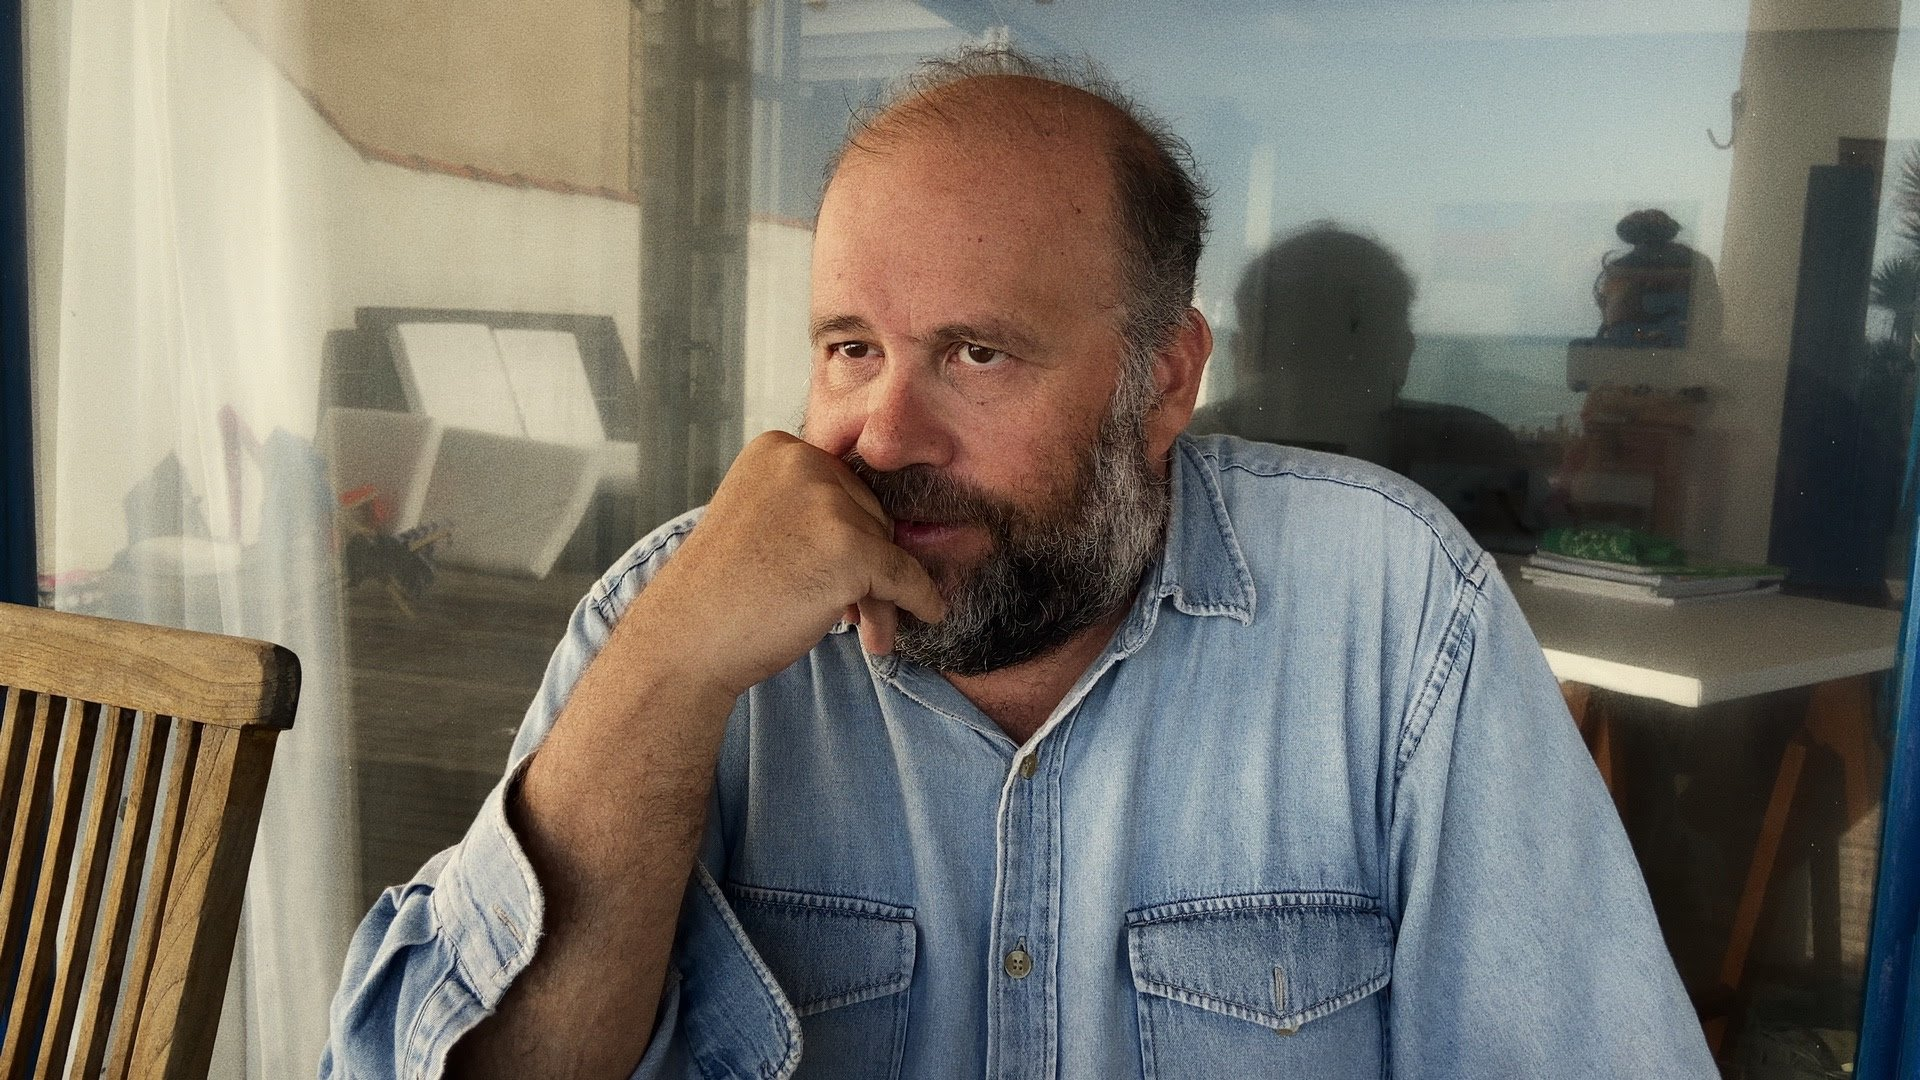 Ator Otávio Müller atua no filme (Divulgação)